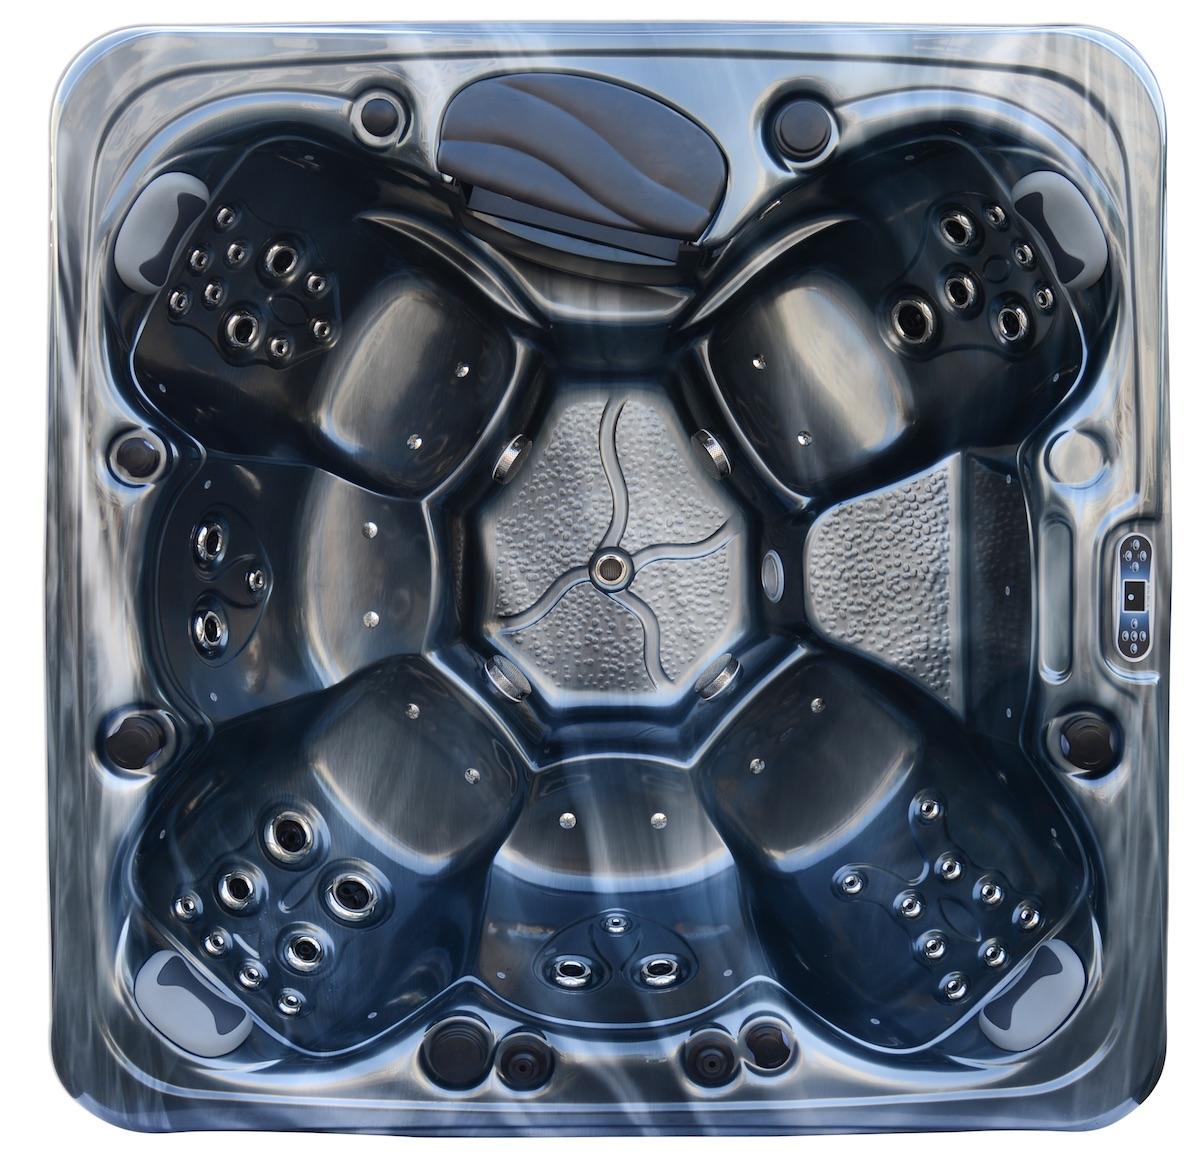 spa vendom mykonos 2 spa 6 personnes gris anthracite. Black Bedroom Furniture Sets. Home Design Ideas